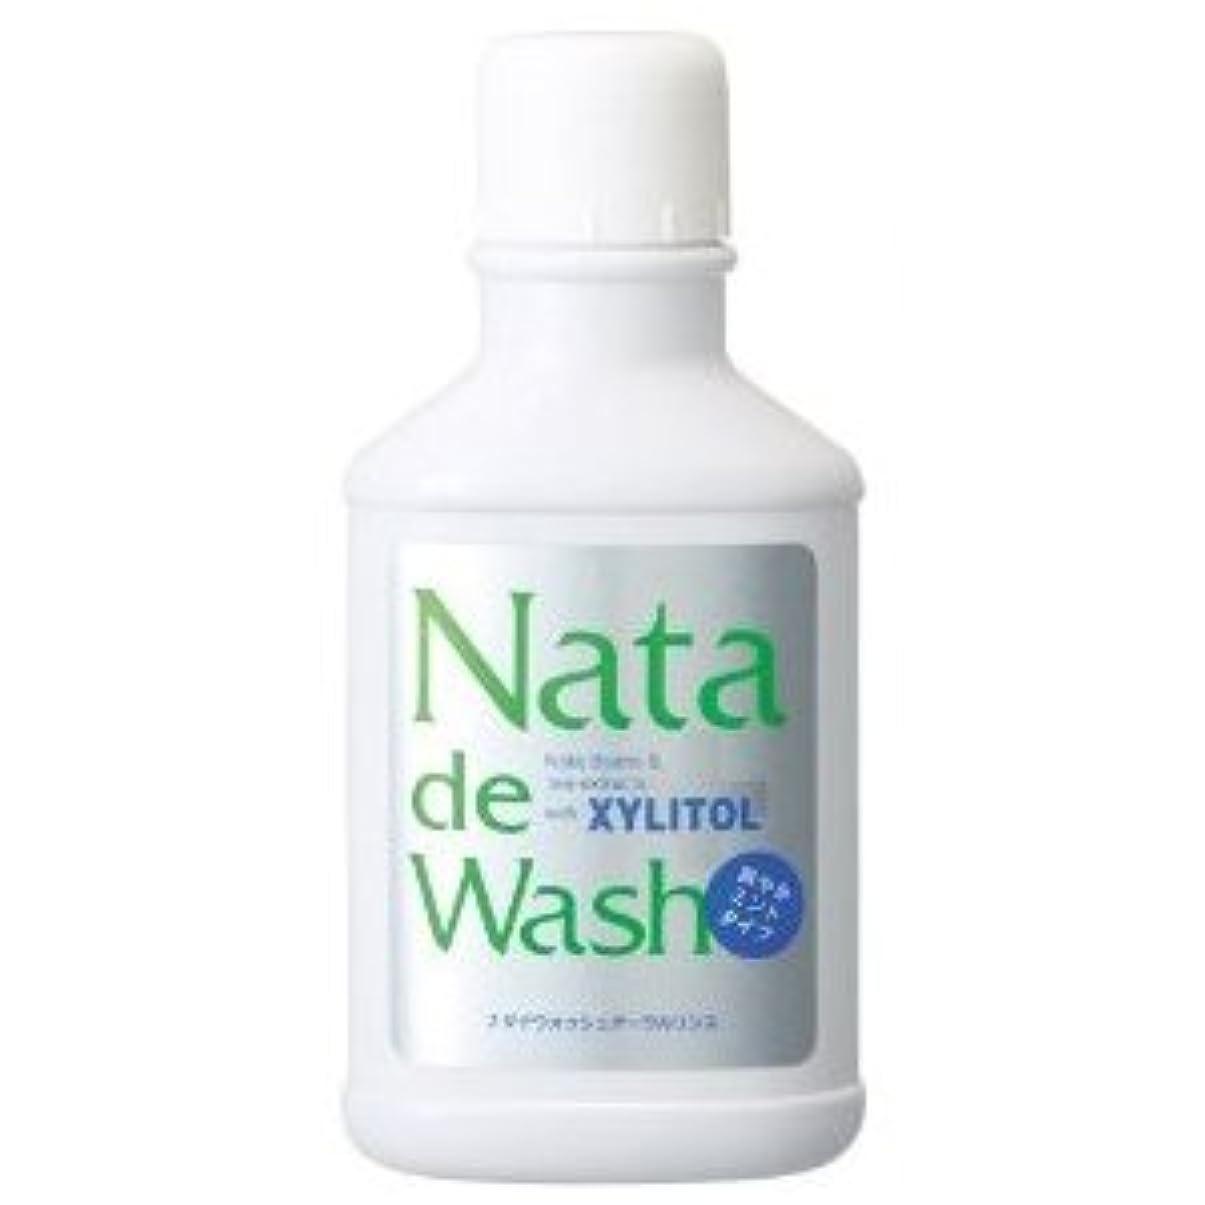 キャストオートマトンフリース20秒の口臭対策 ナタデウォッシュ 500ml ナタデウォッシュEX